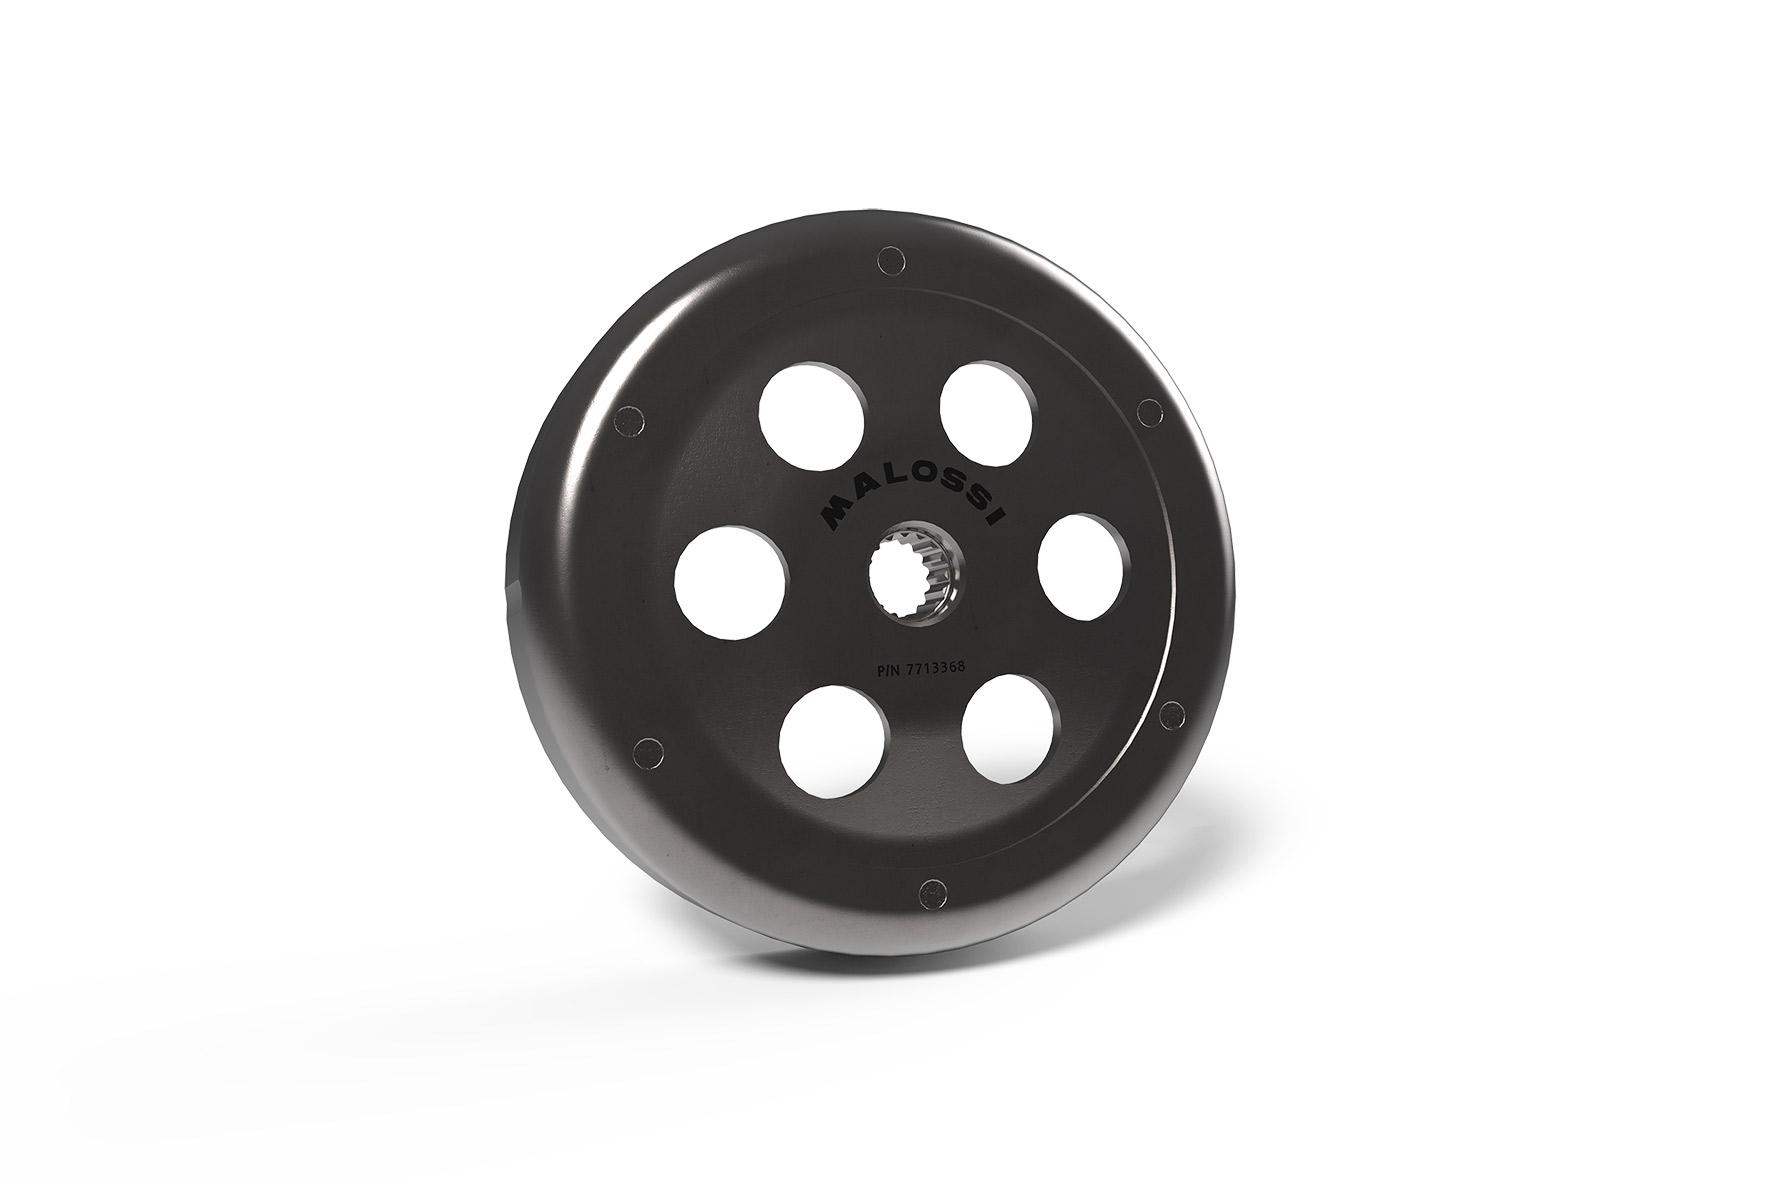 Campana frizione MAXI CLUTCH BELL Ø interno 135 mm e peso 947 grammi